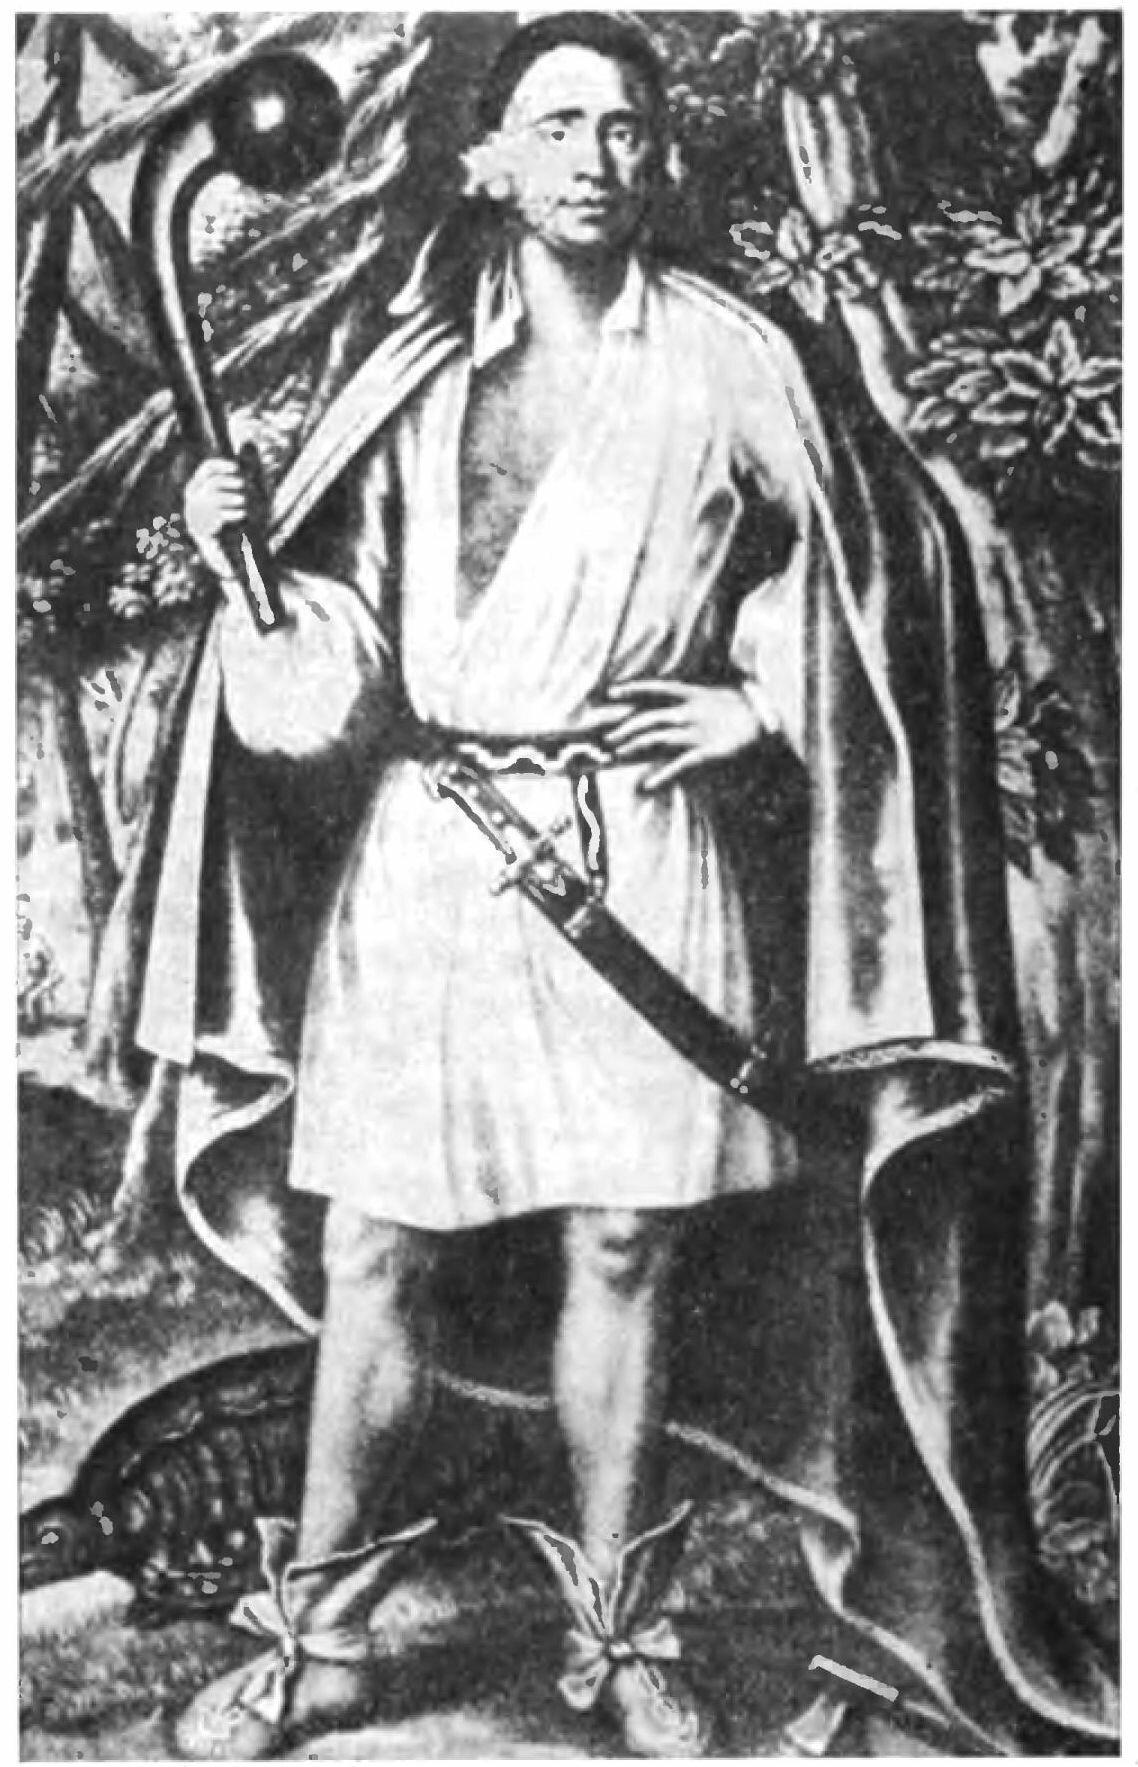 Вождь Этоввагаум, по прозвищу Николас, из племени могикан, 1710 г. Гравюра Джона Саймона по картине Джона Верелста.